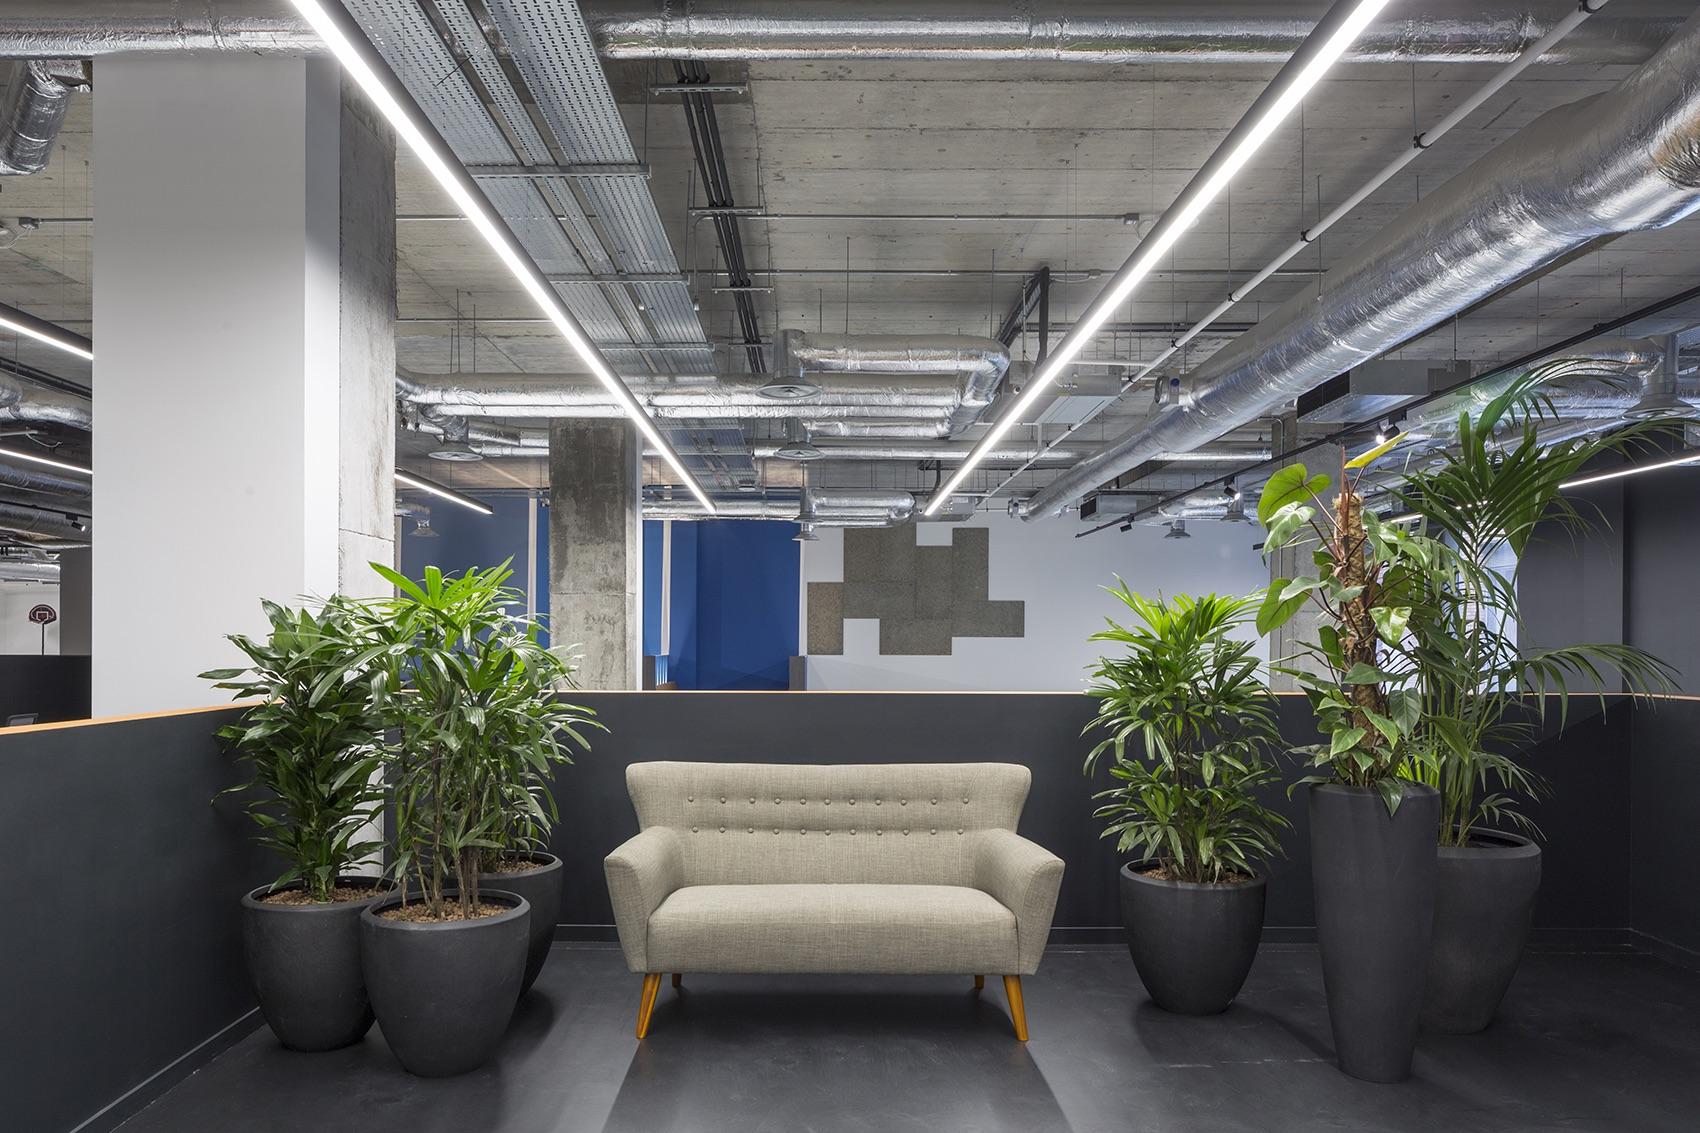 rothco-office-dublin-6